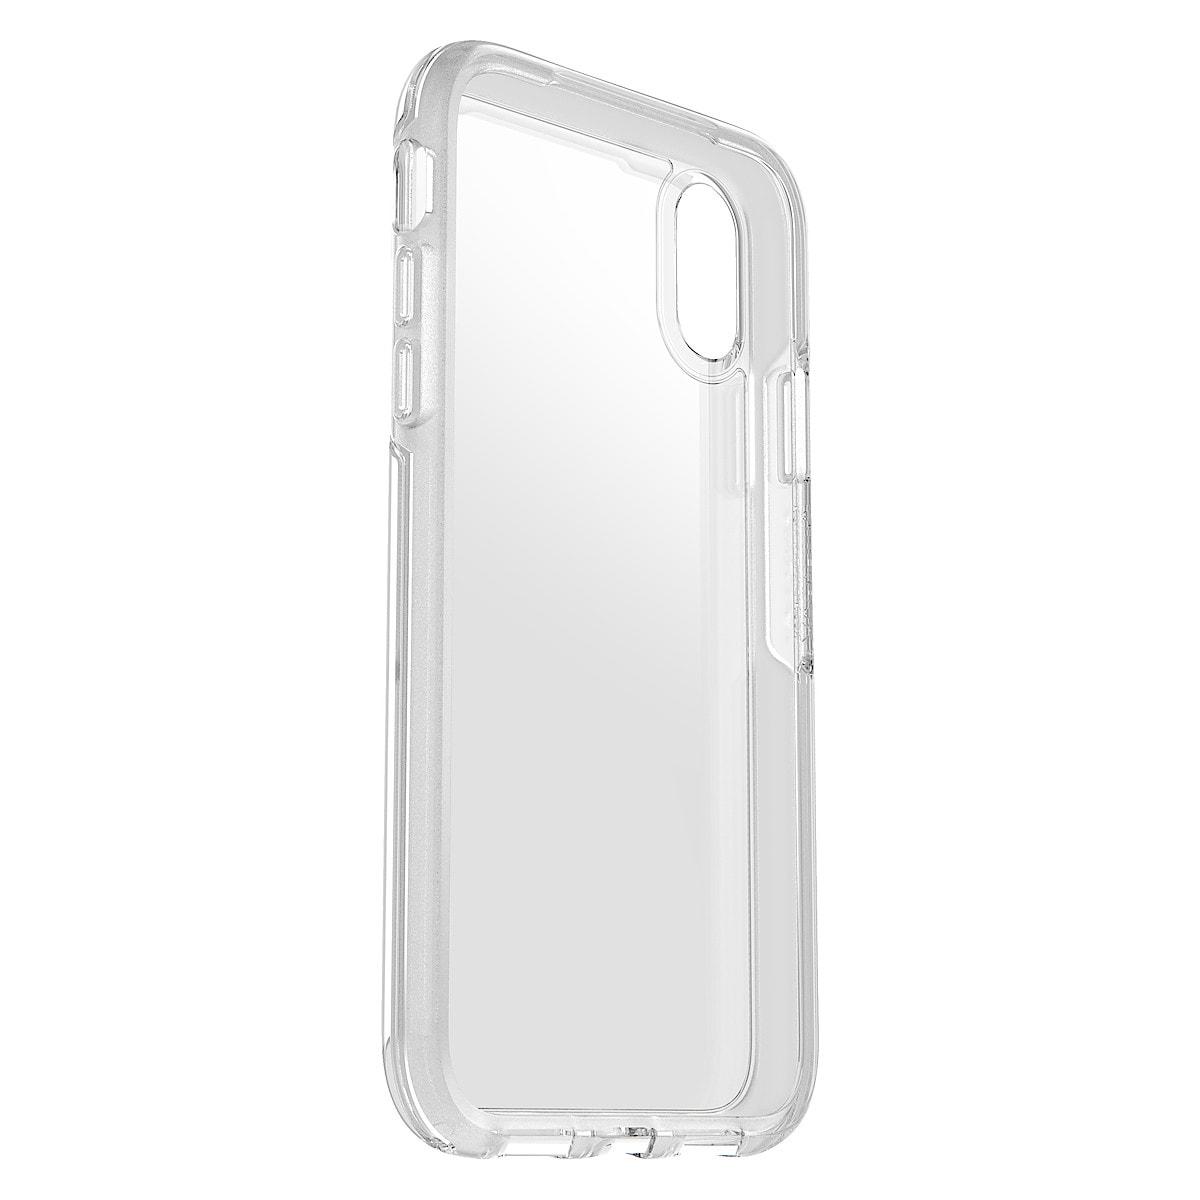 Skyddsskal för iPhone XR